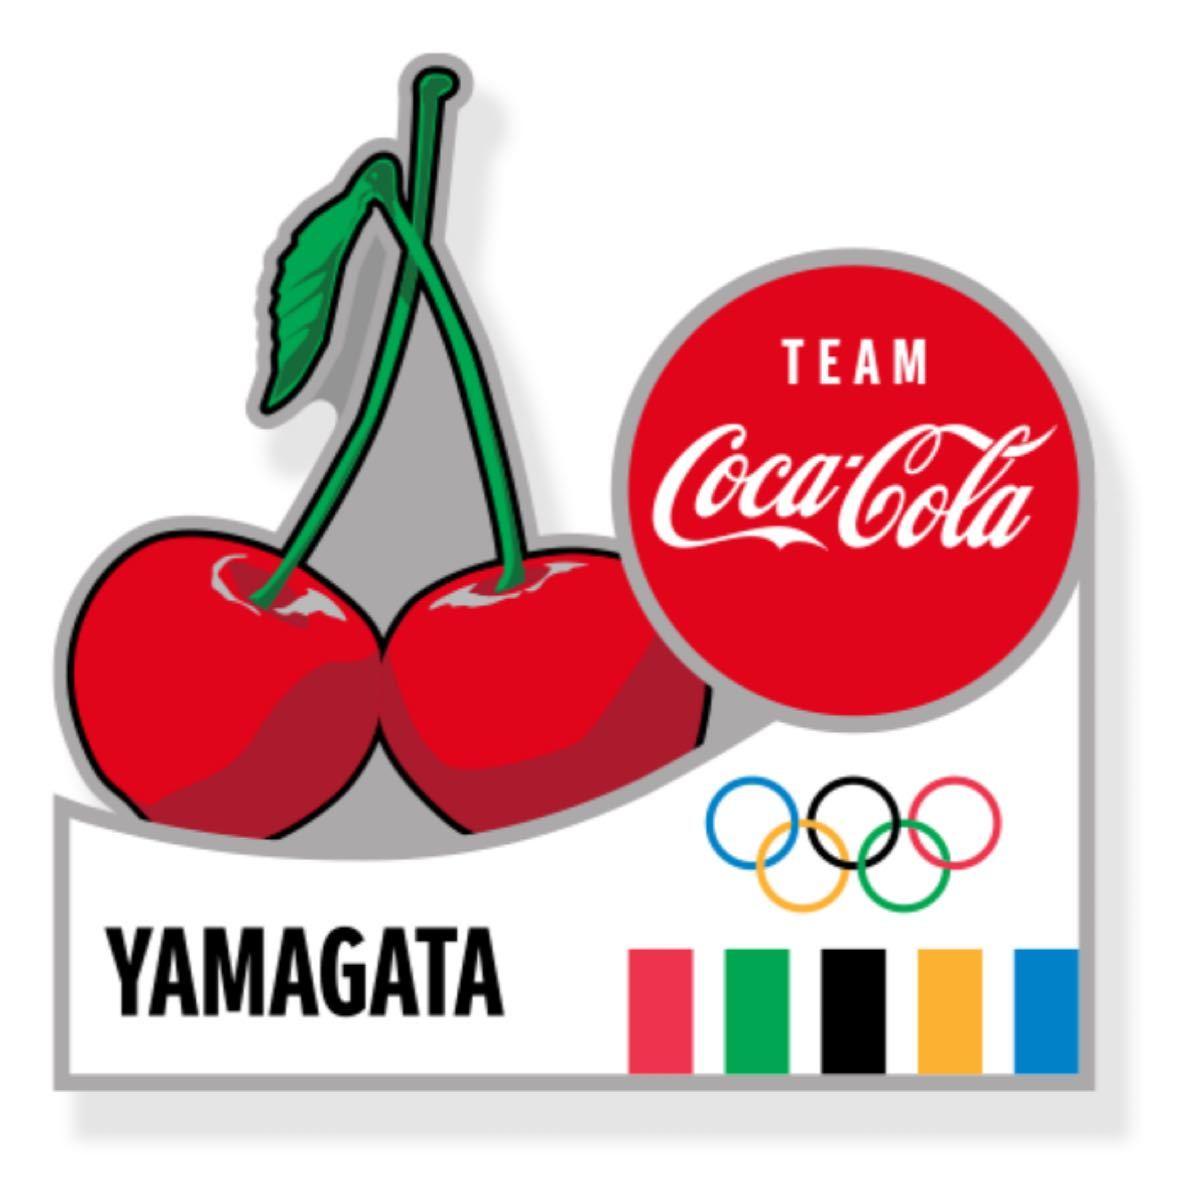 コカコーラ 東京オリンピック ピンバッジ 都道府県 山口県 ピンバッチ